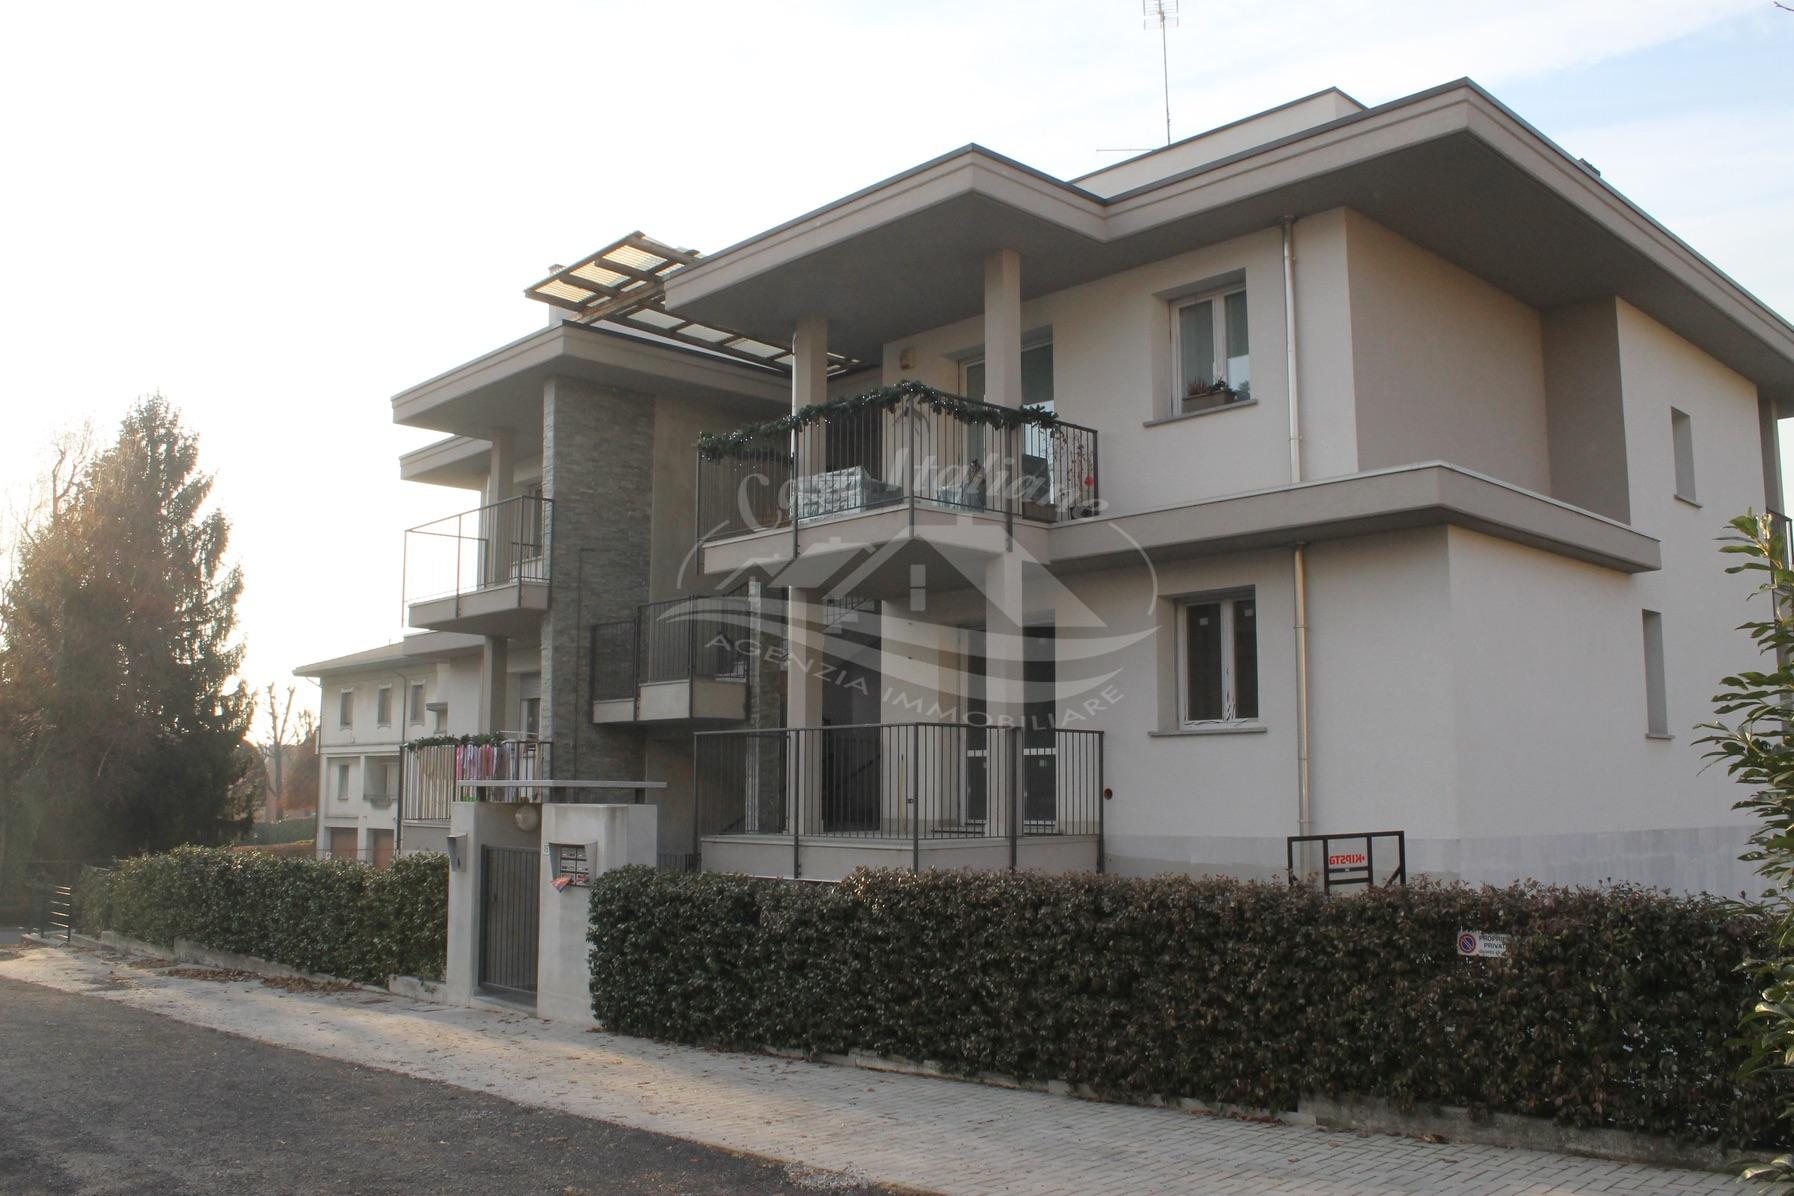 Img 0109 case italiane agenzia immobiliare cant for Case italiane immobiliare